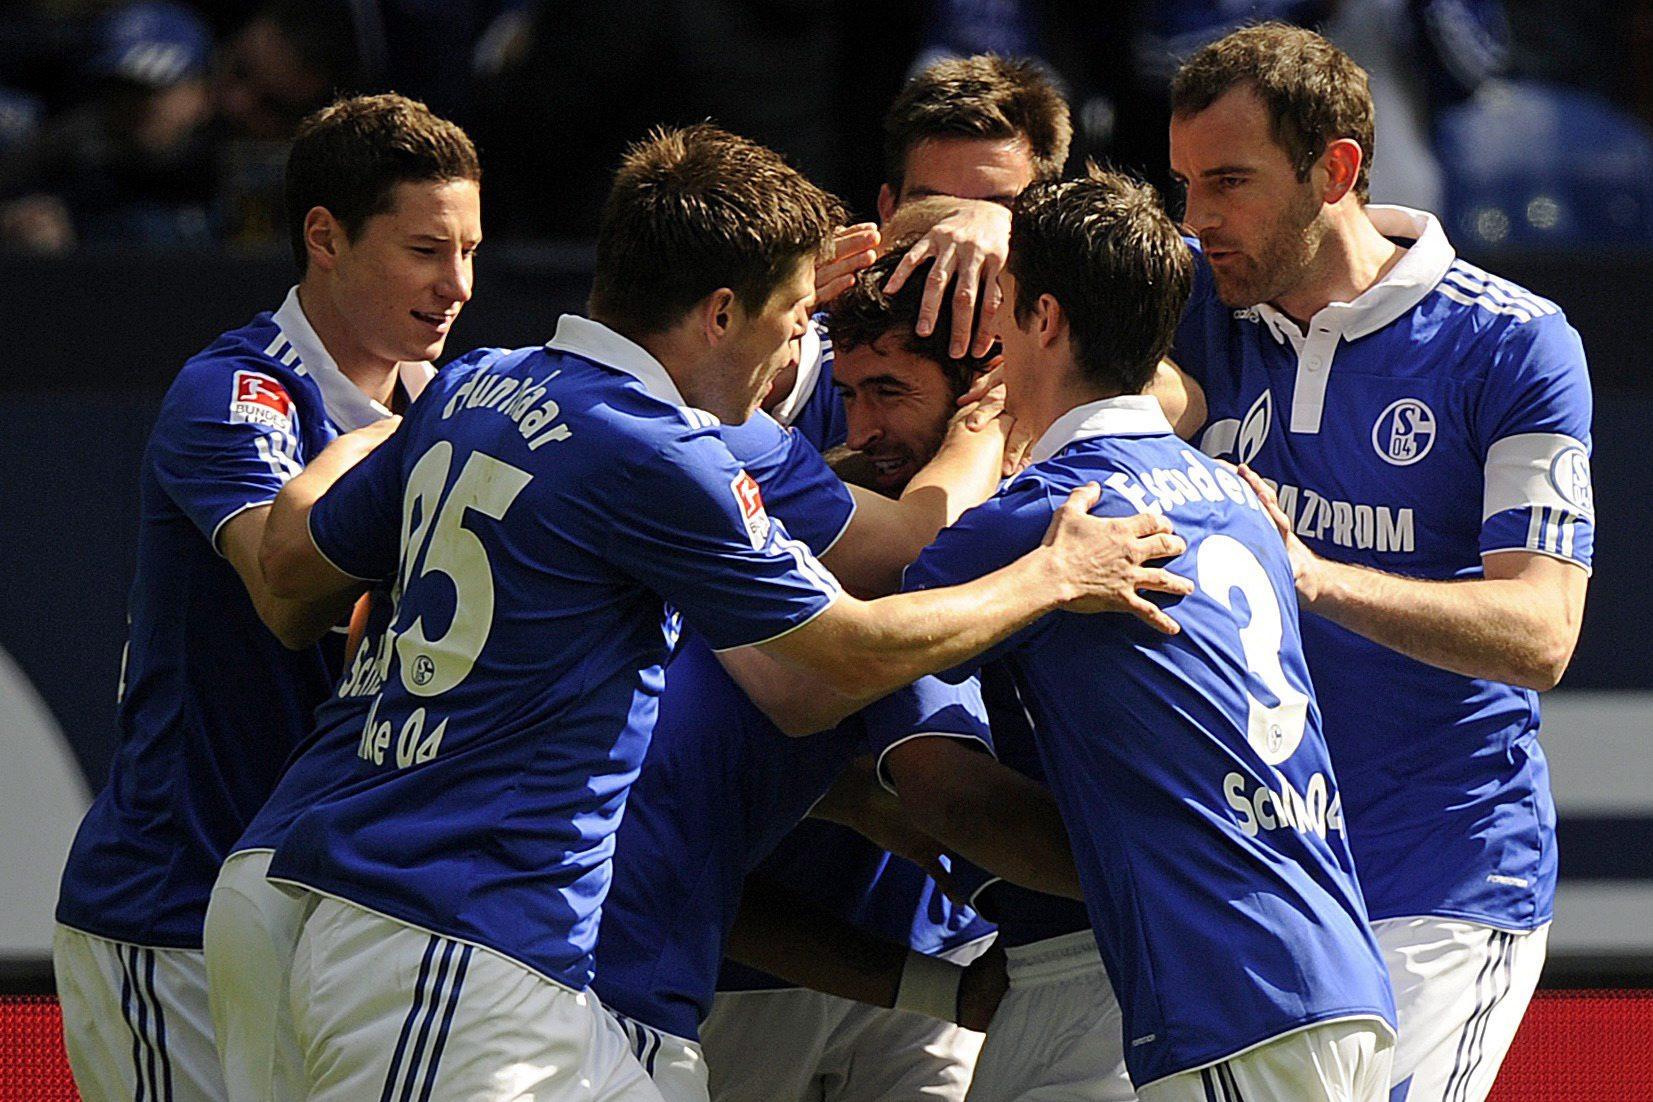 Christoph Metzelder, a la derecha del todo, felicitando a Raúl tras un gol del madrileño con el Schalke 04 (Archivo 20minutos).